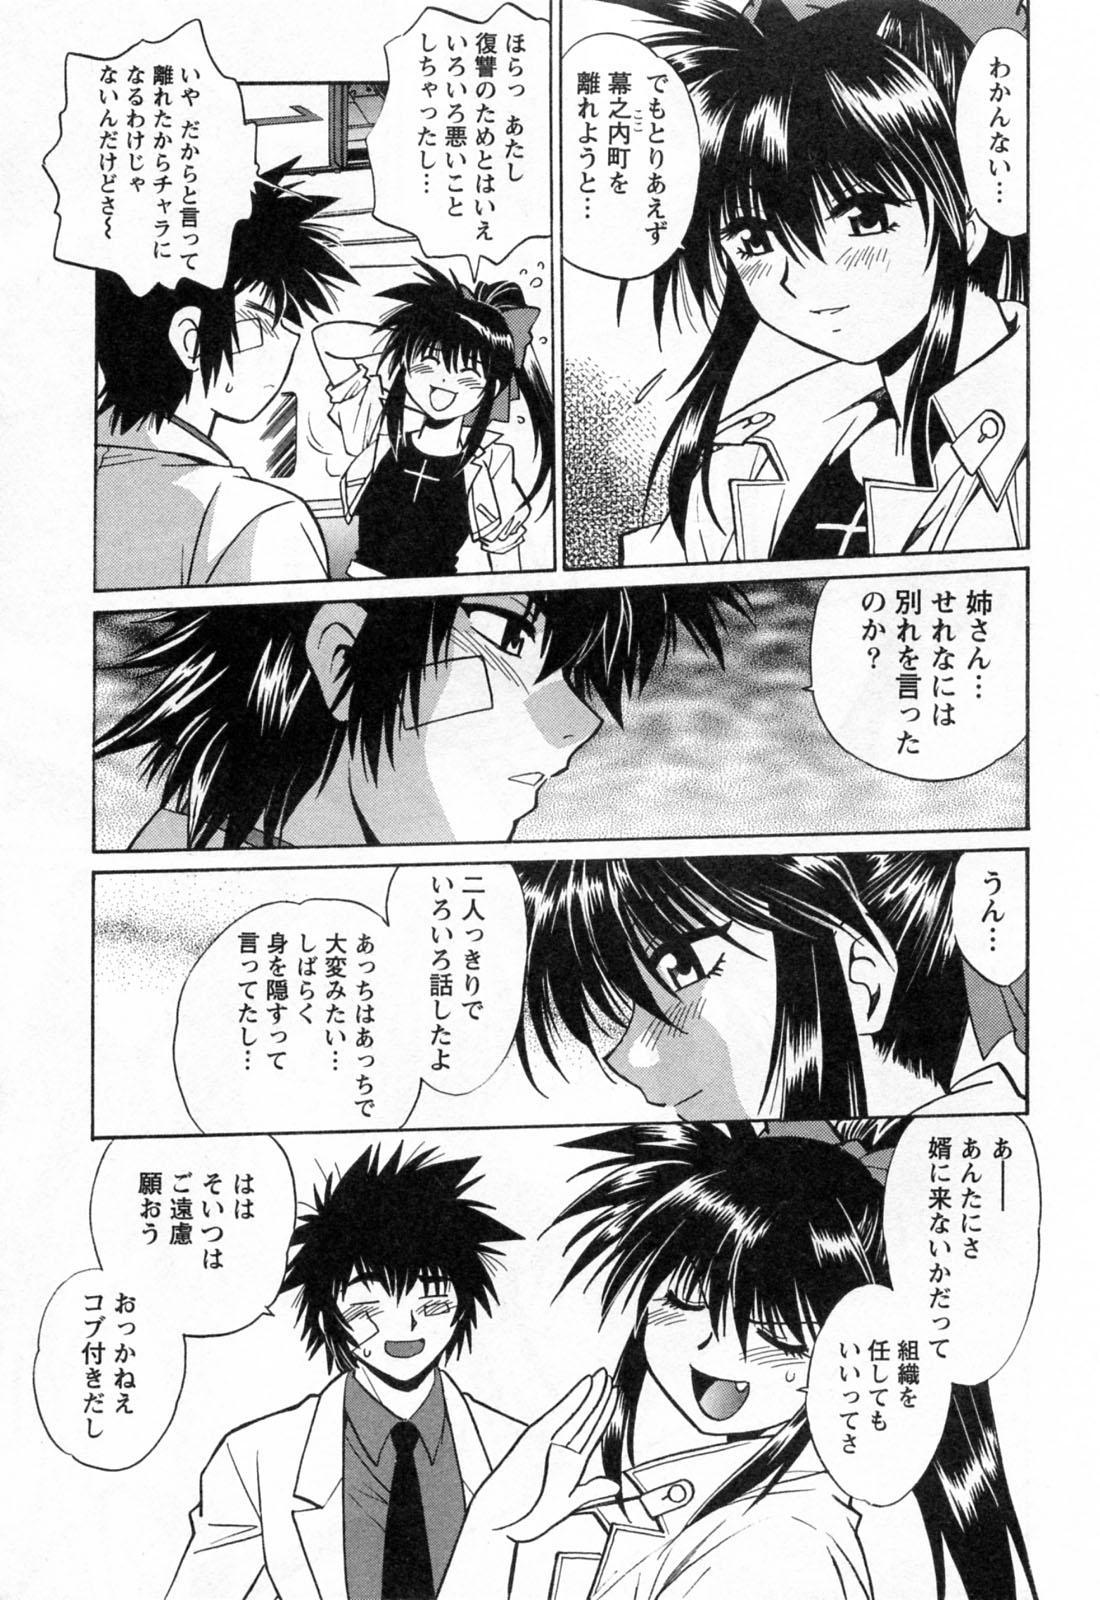 Makunouchi Deluxe 3 204